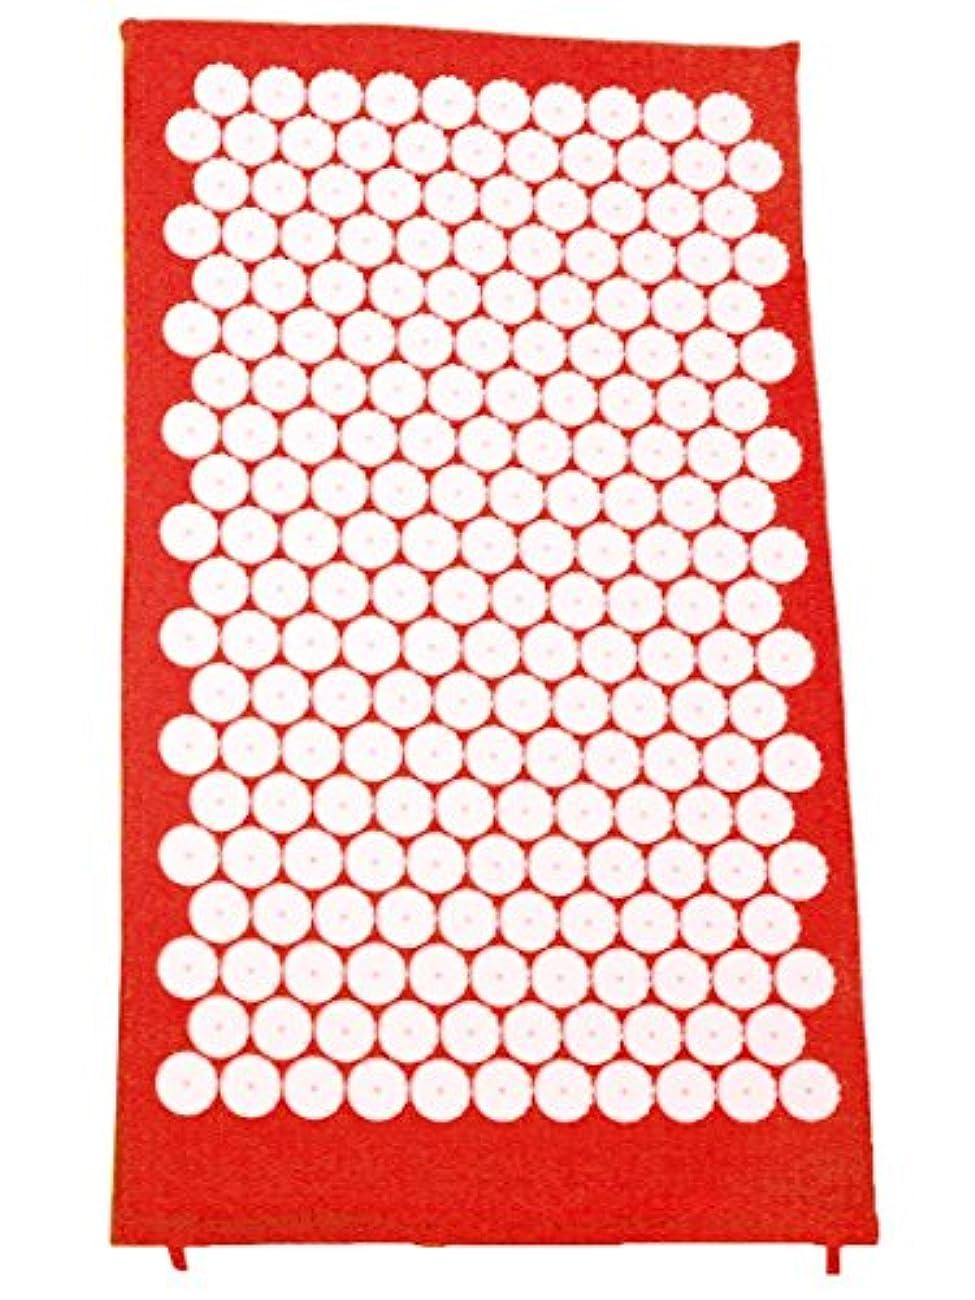 複雑ハンカチ分泌するピュアフィット(purefit) スパイスマット PF410 (オレンジ:PF410Or)